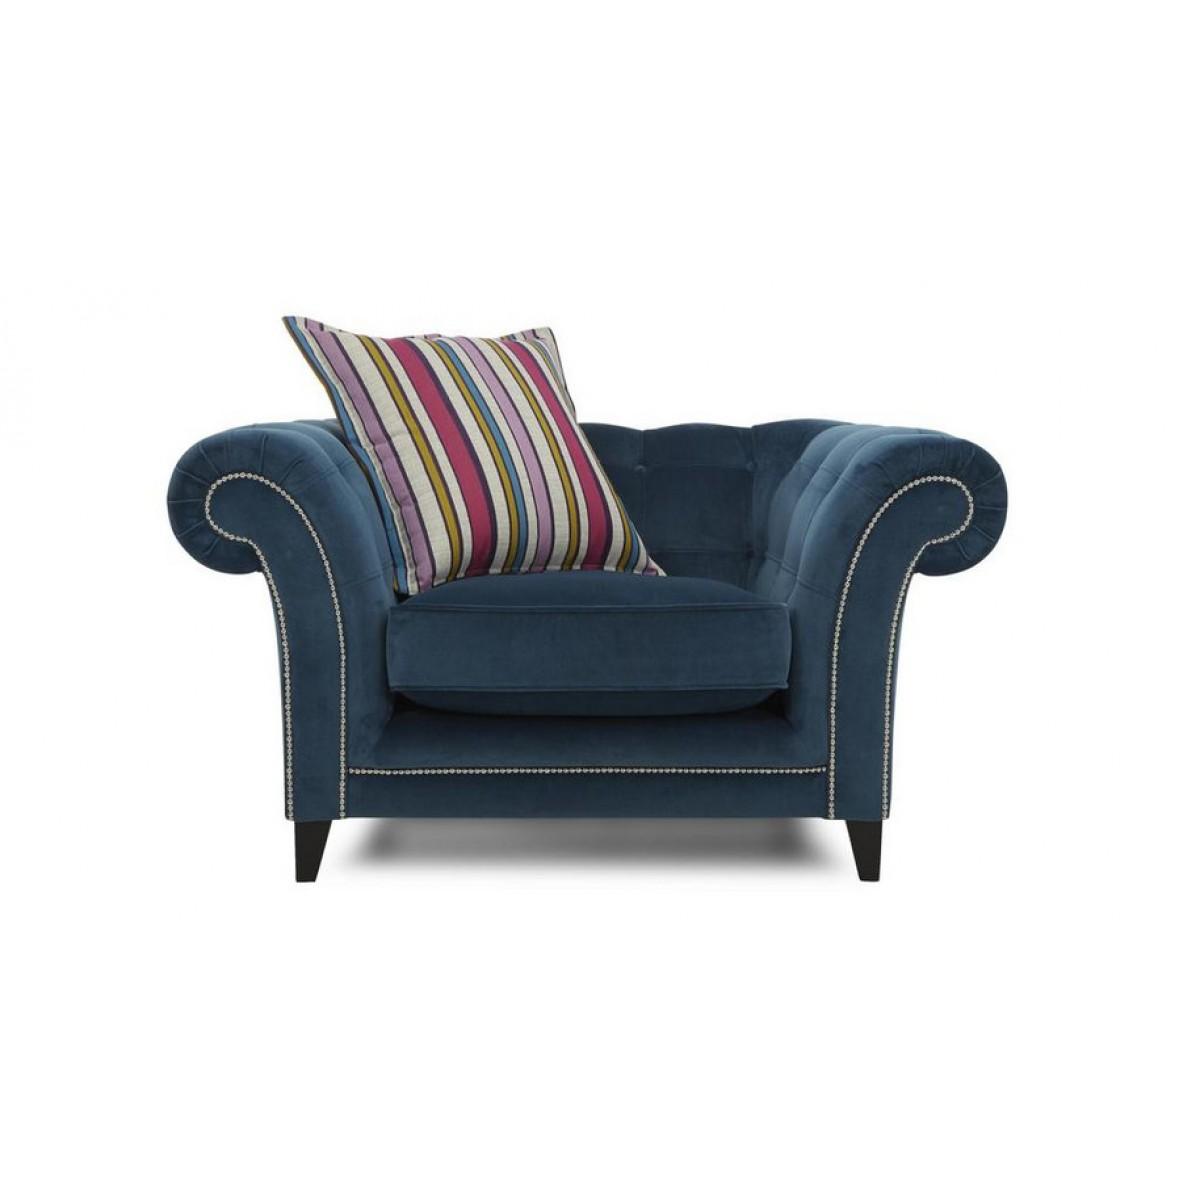 Ensemble de canap s personnalisable chesterfield clout s lin ou mircr - Canape plus fauteuil ...